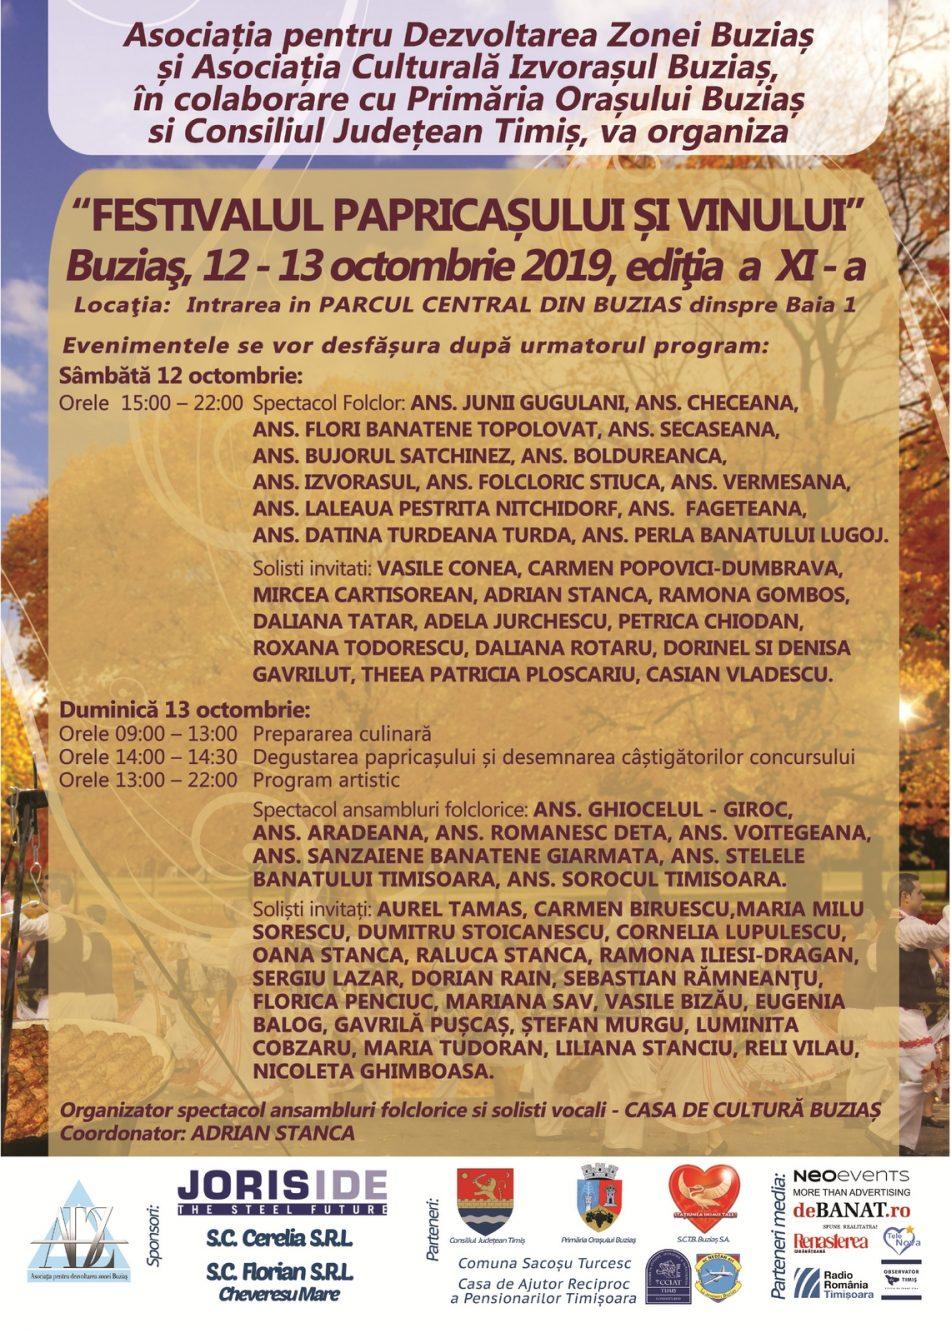 Festivalul Papricasului si vinului 2019